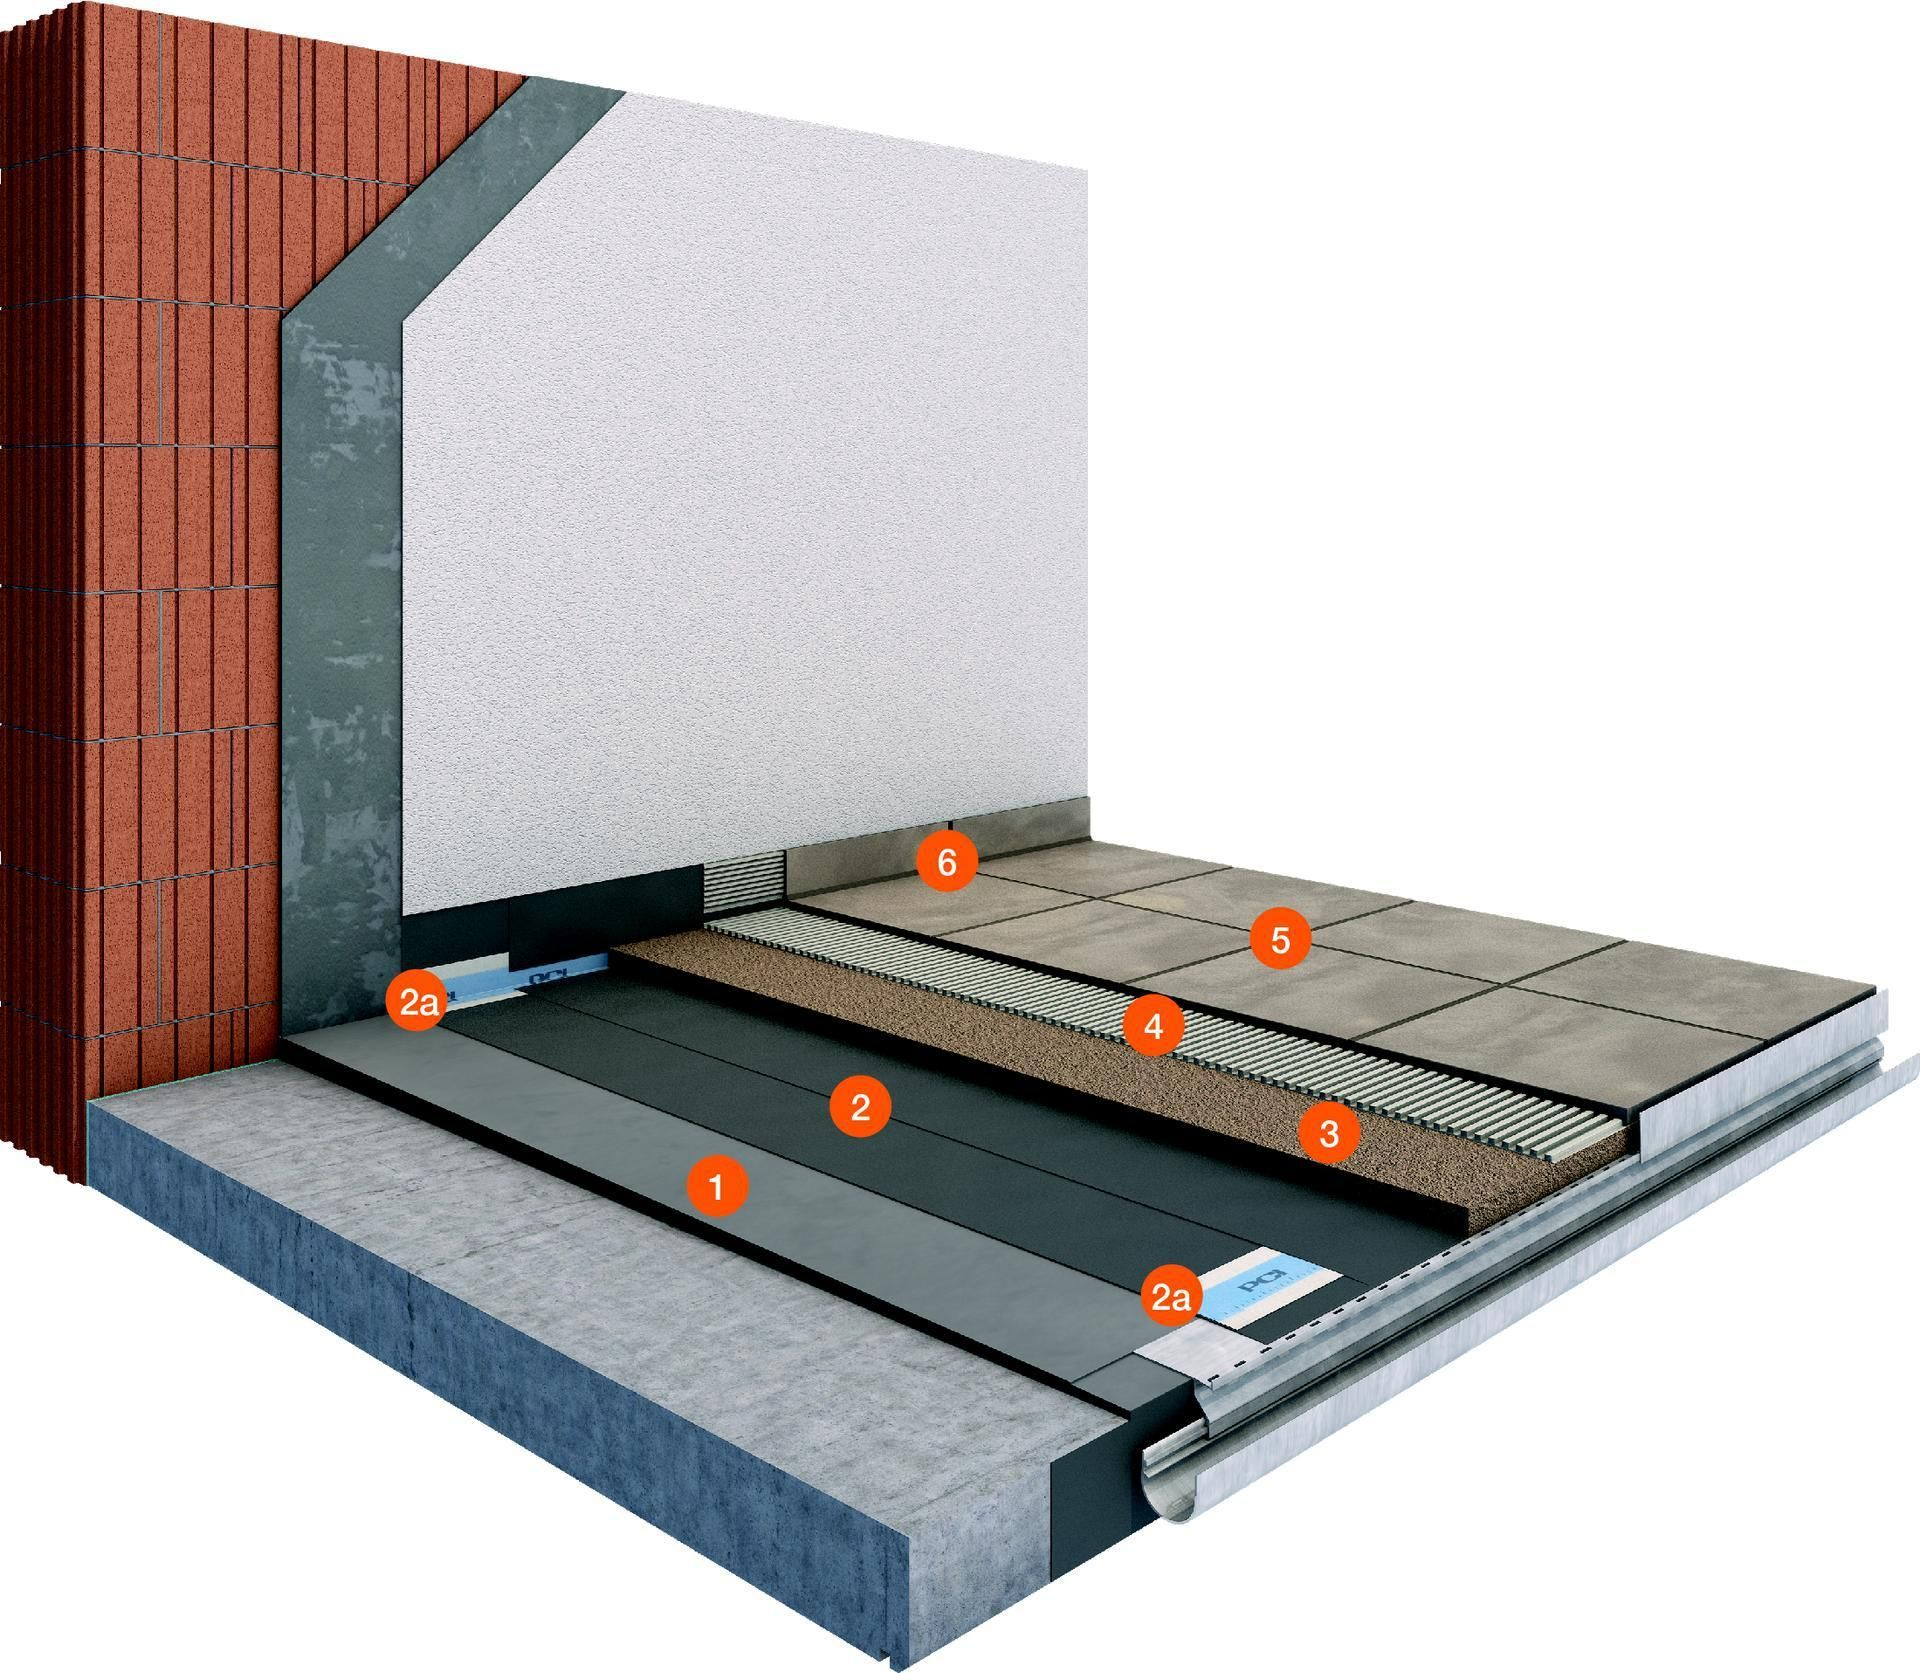 sichere verlegesysteme f r fliesen u naturwerksteine auf balkon terrasse von pci ais. Black Bedroom Furniture Sets. Home Design Ideas